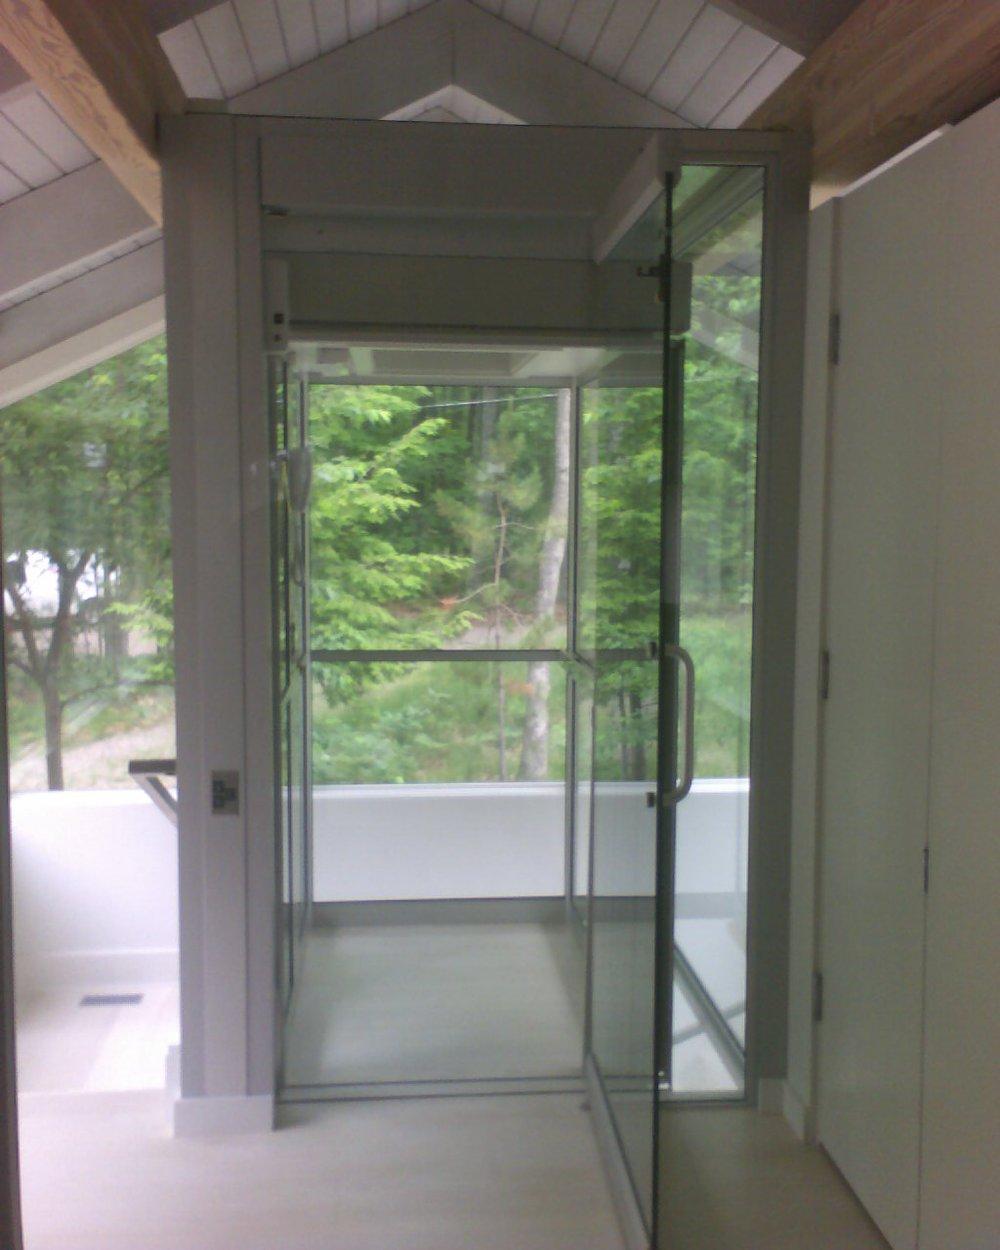 Residential Glass Elevator at Upper Floor with Gate & Door Open